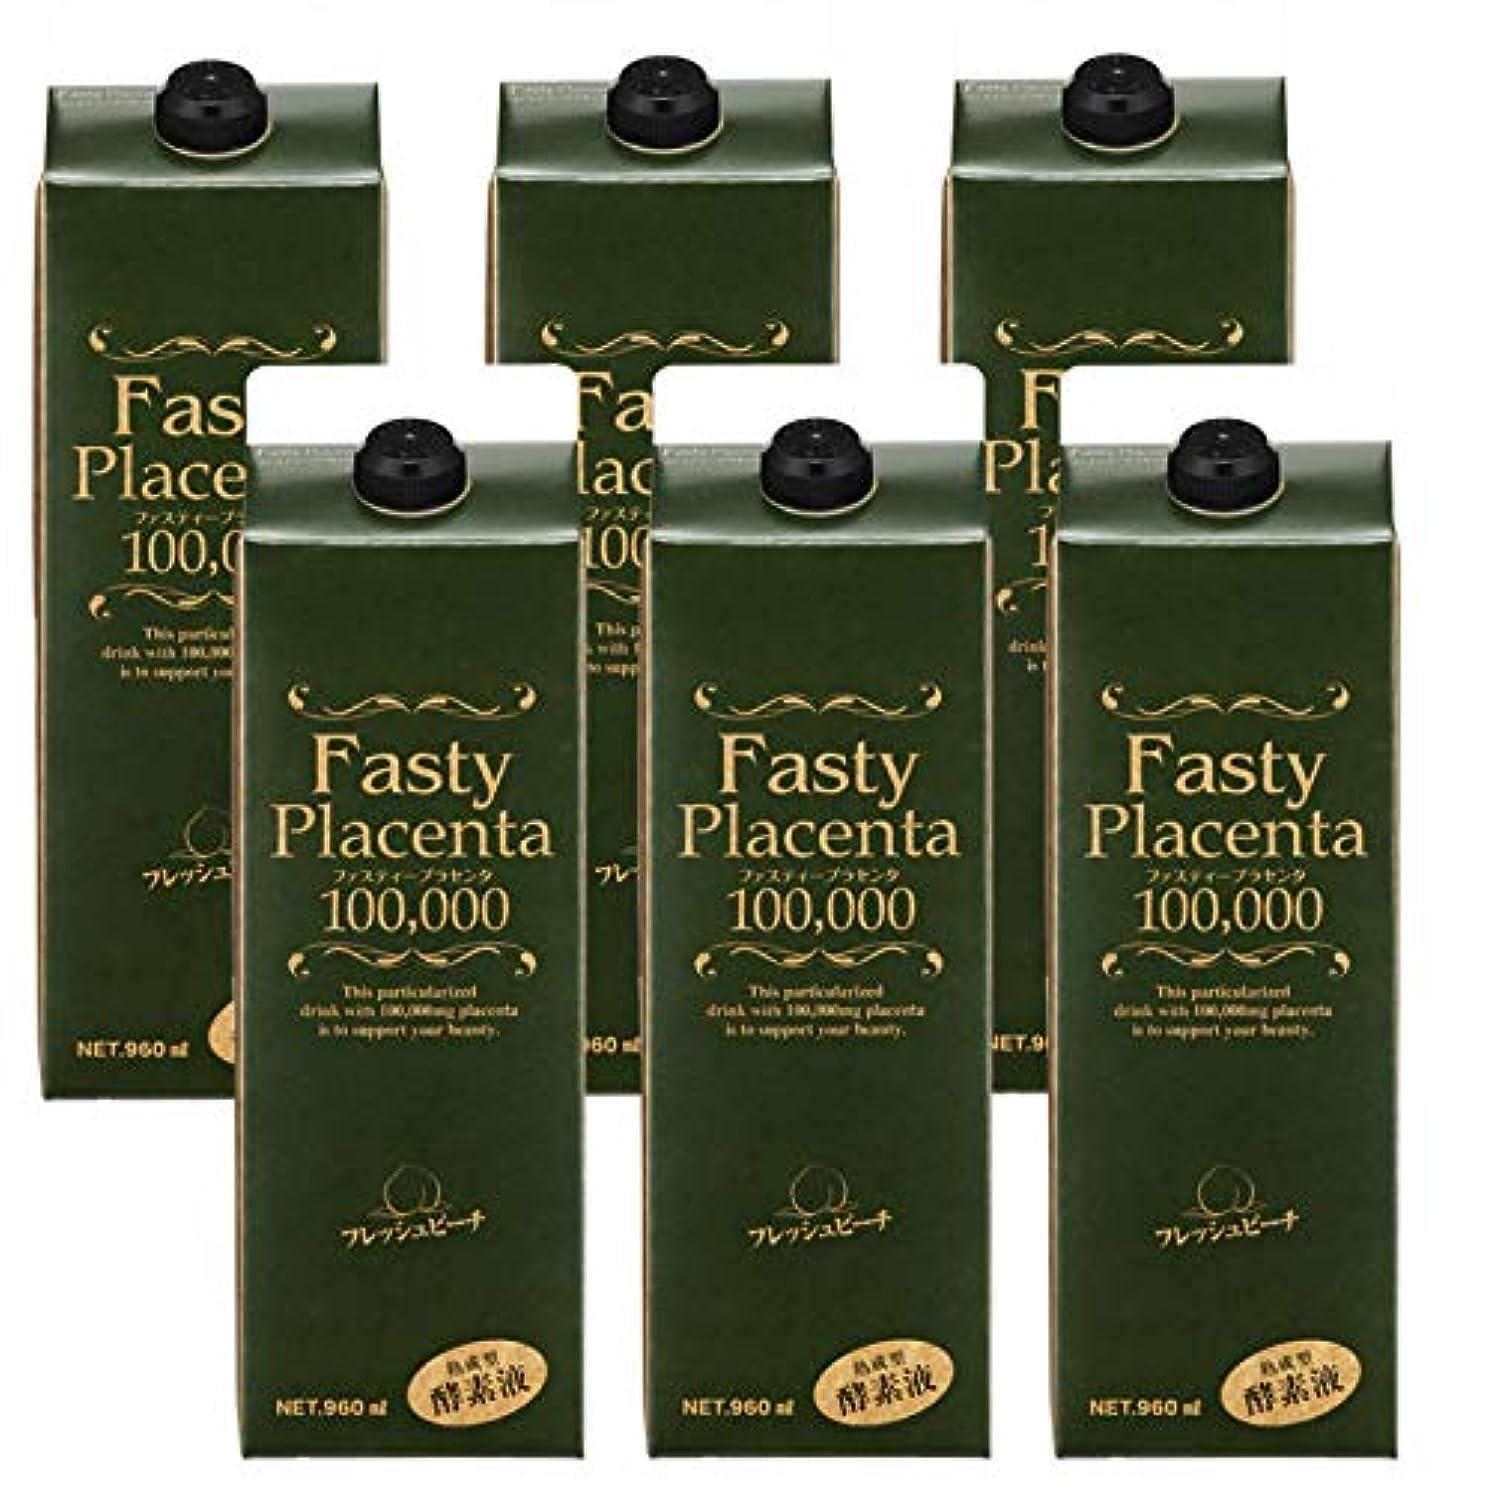 ゴールカテナスイングファスティープラセンタ100,000 増量パック(フレッシュピーチ味) 6本